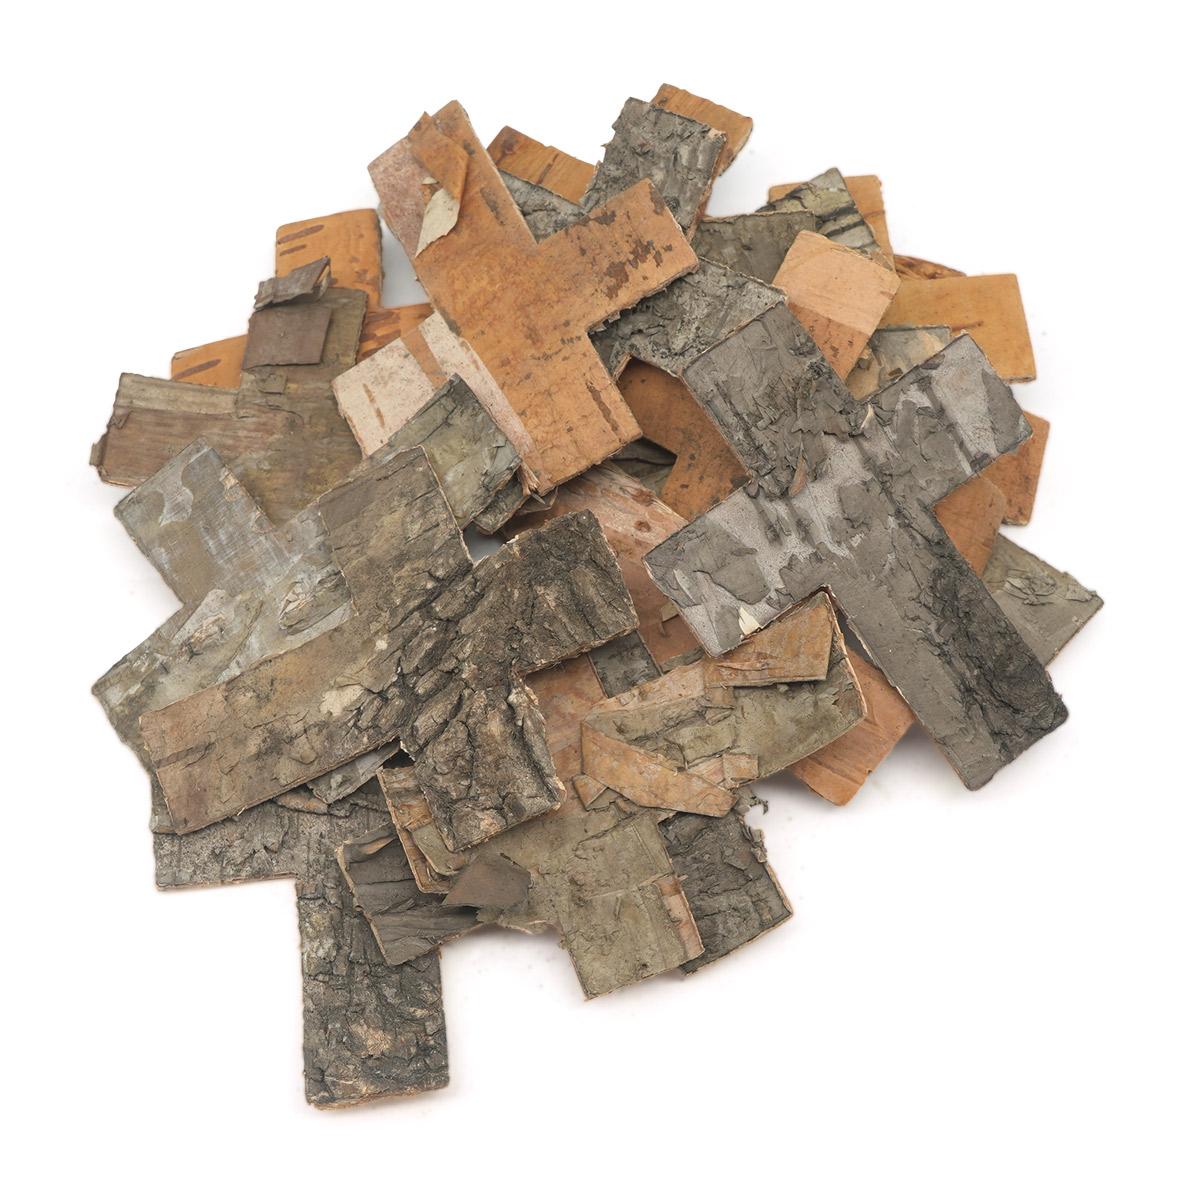 YW293 Декоративные элементы из коры дерева 'Крест', 6,5*5см , 25шт/уп (нат/дерево) фото